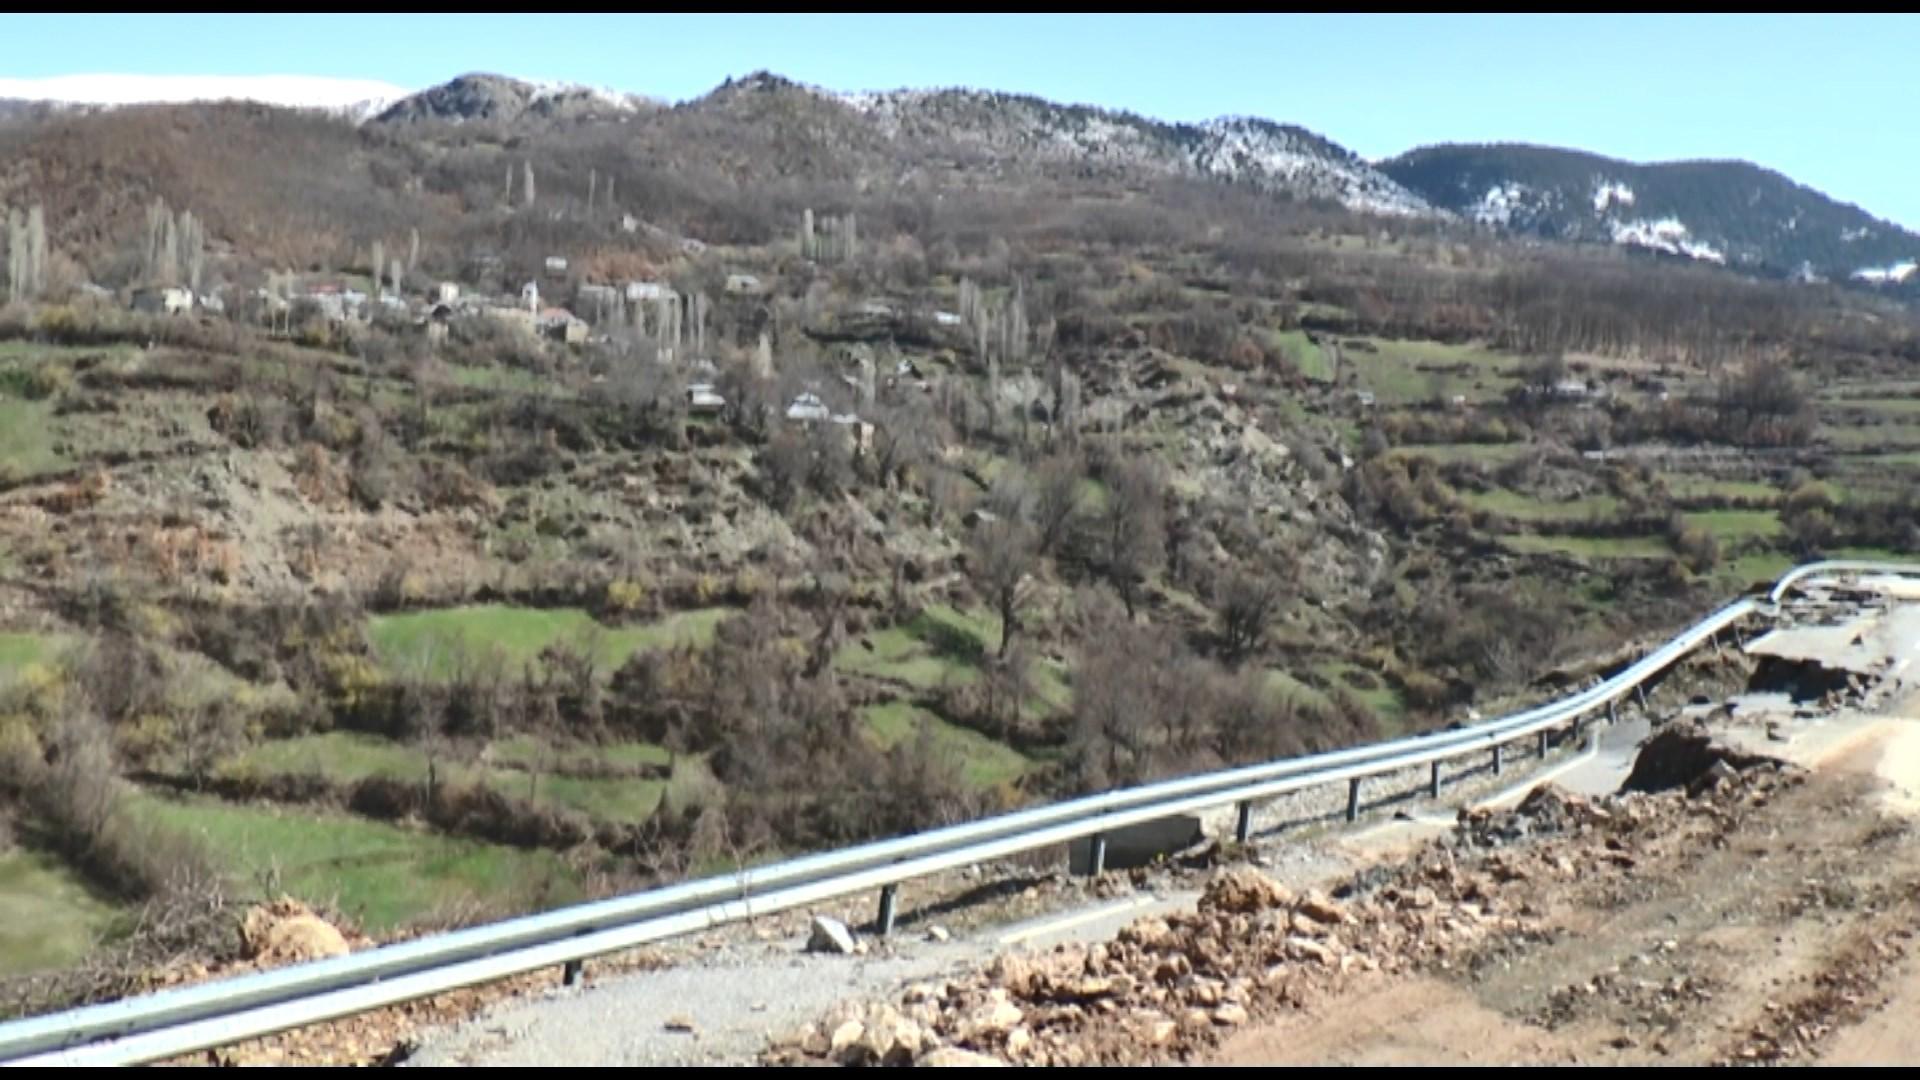 Radomira, fshati më i bukur në Dibër, por me rrugë të shkatërruara